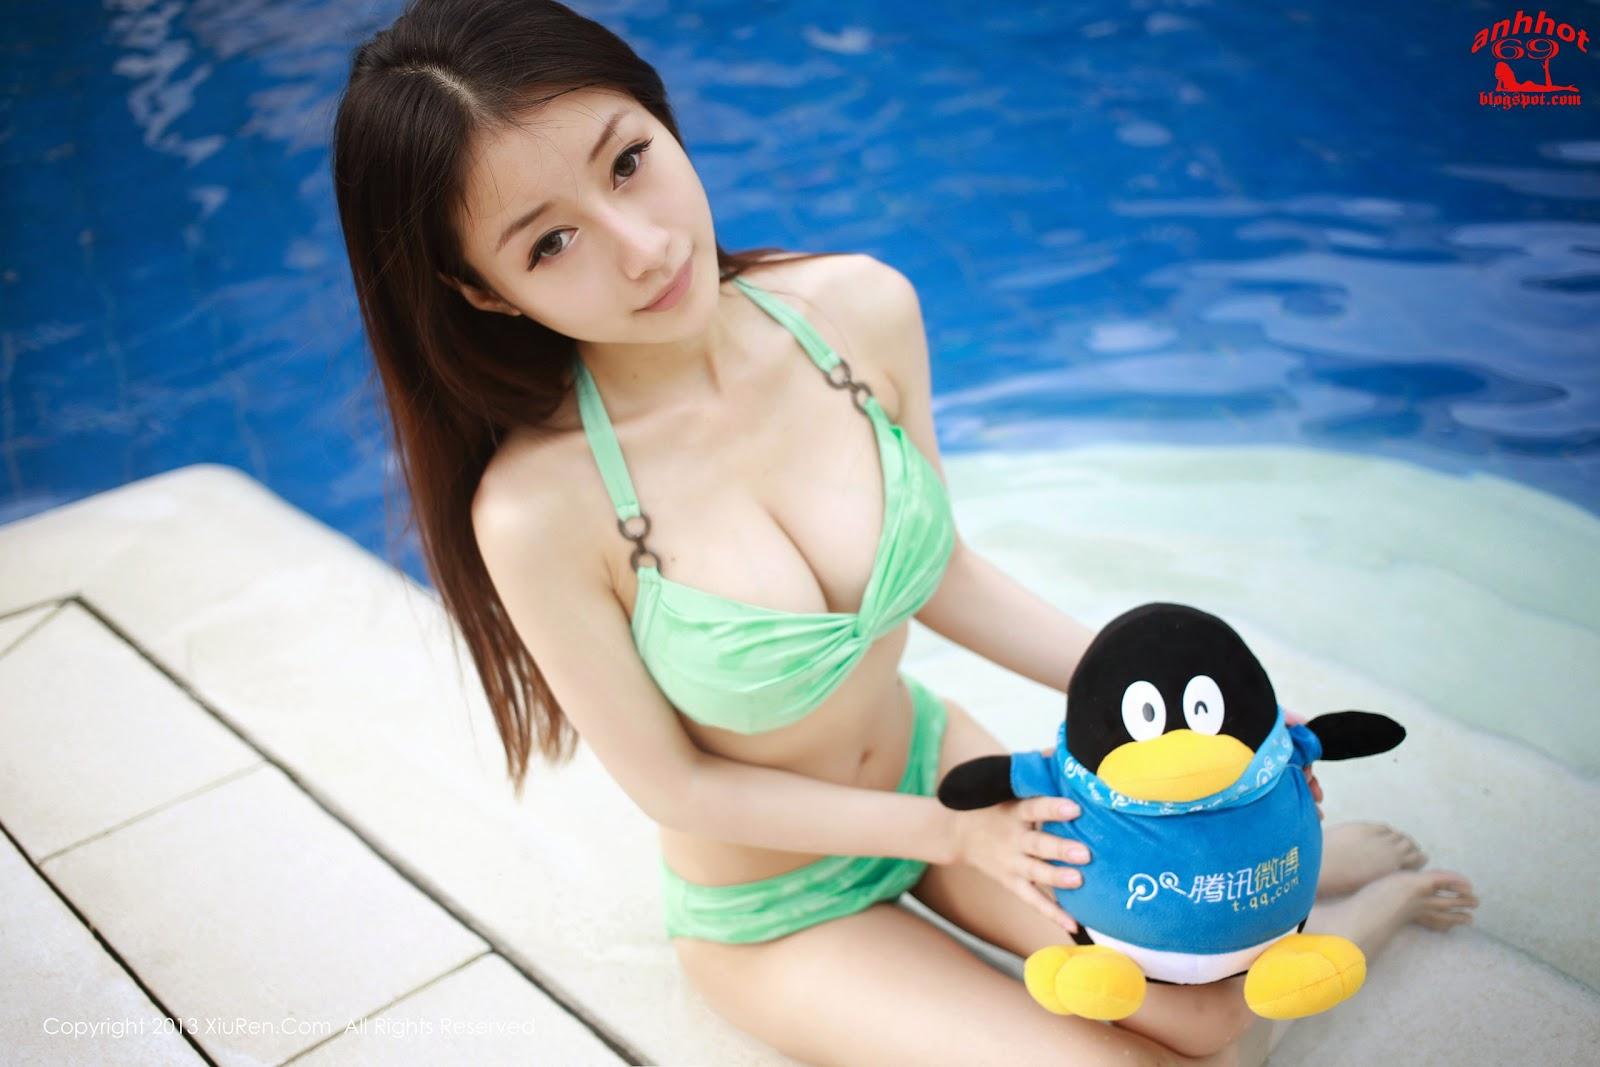 Xiuren-N00028-Baisy-Yi_02423947